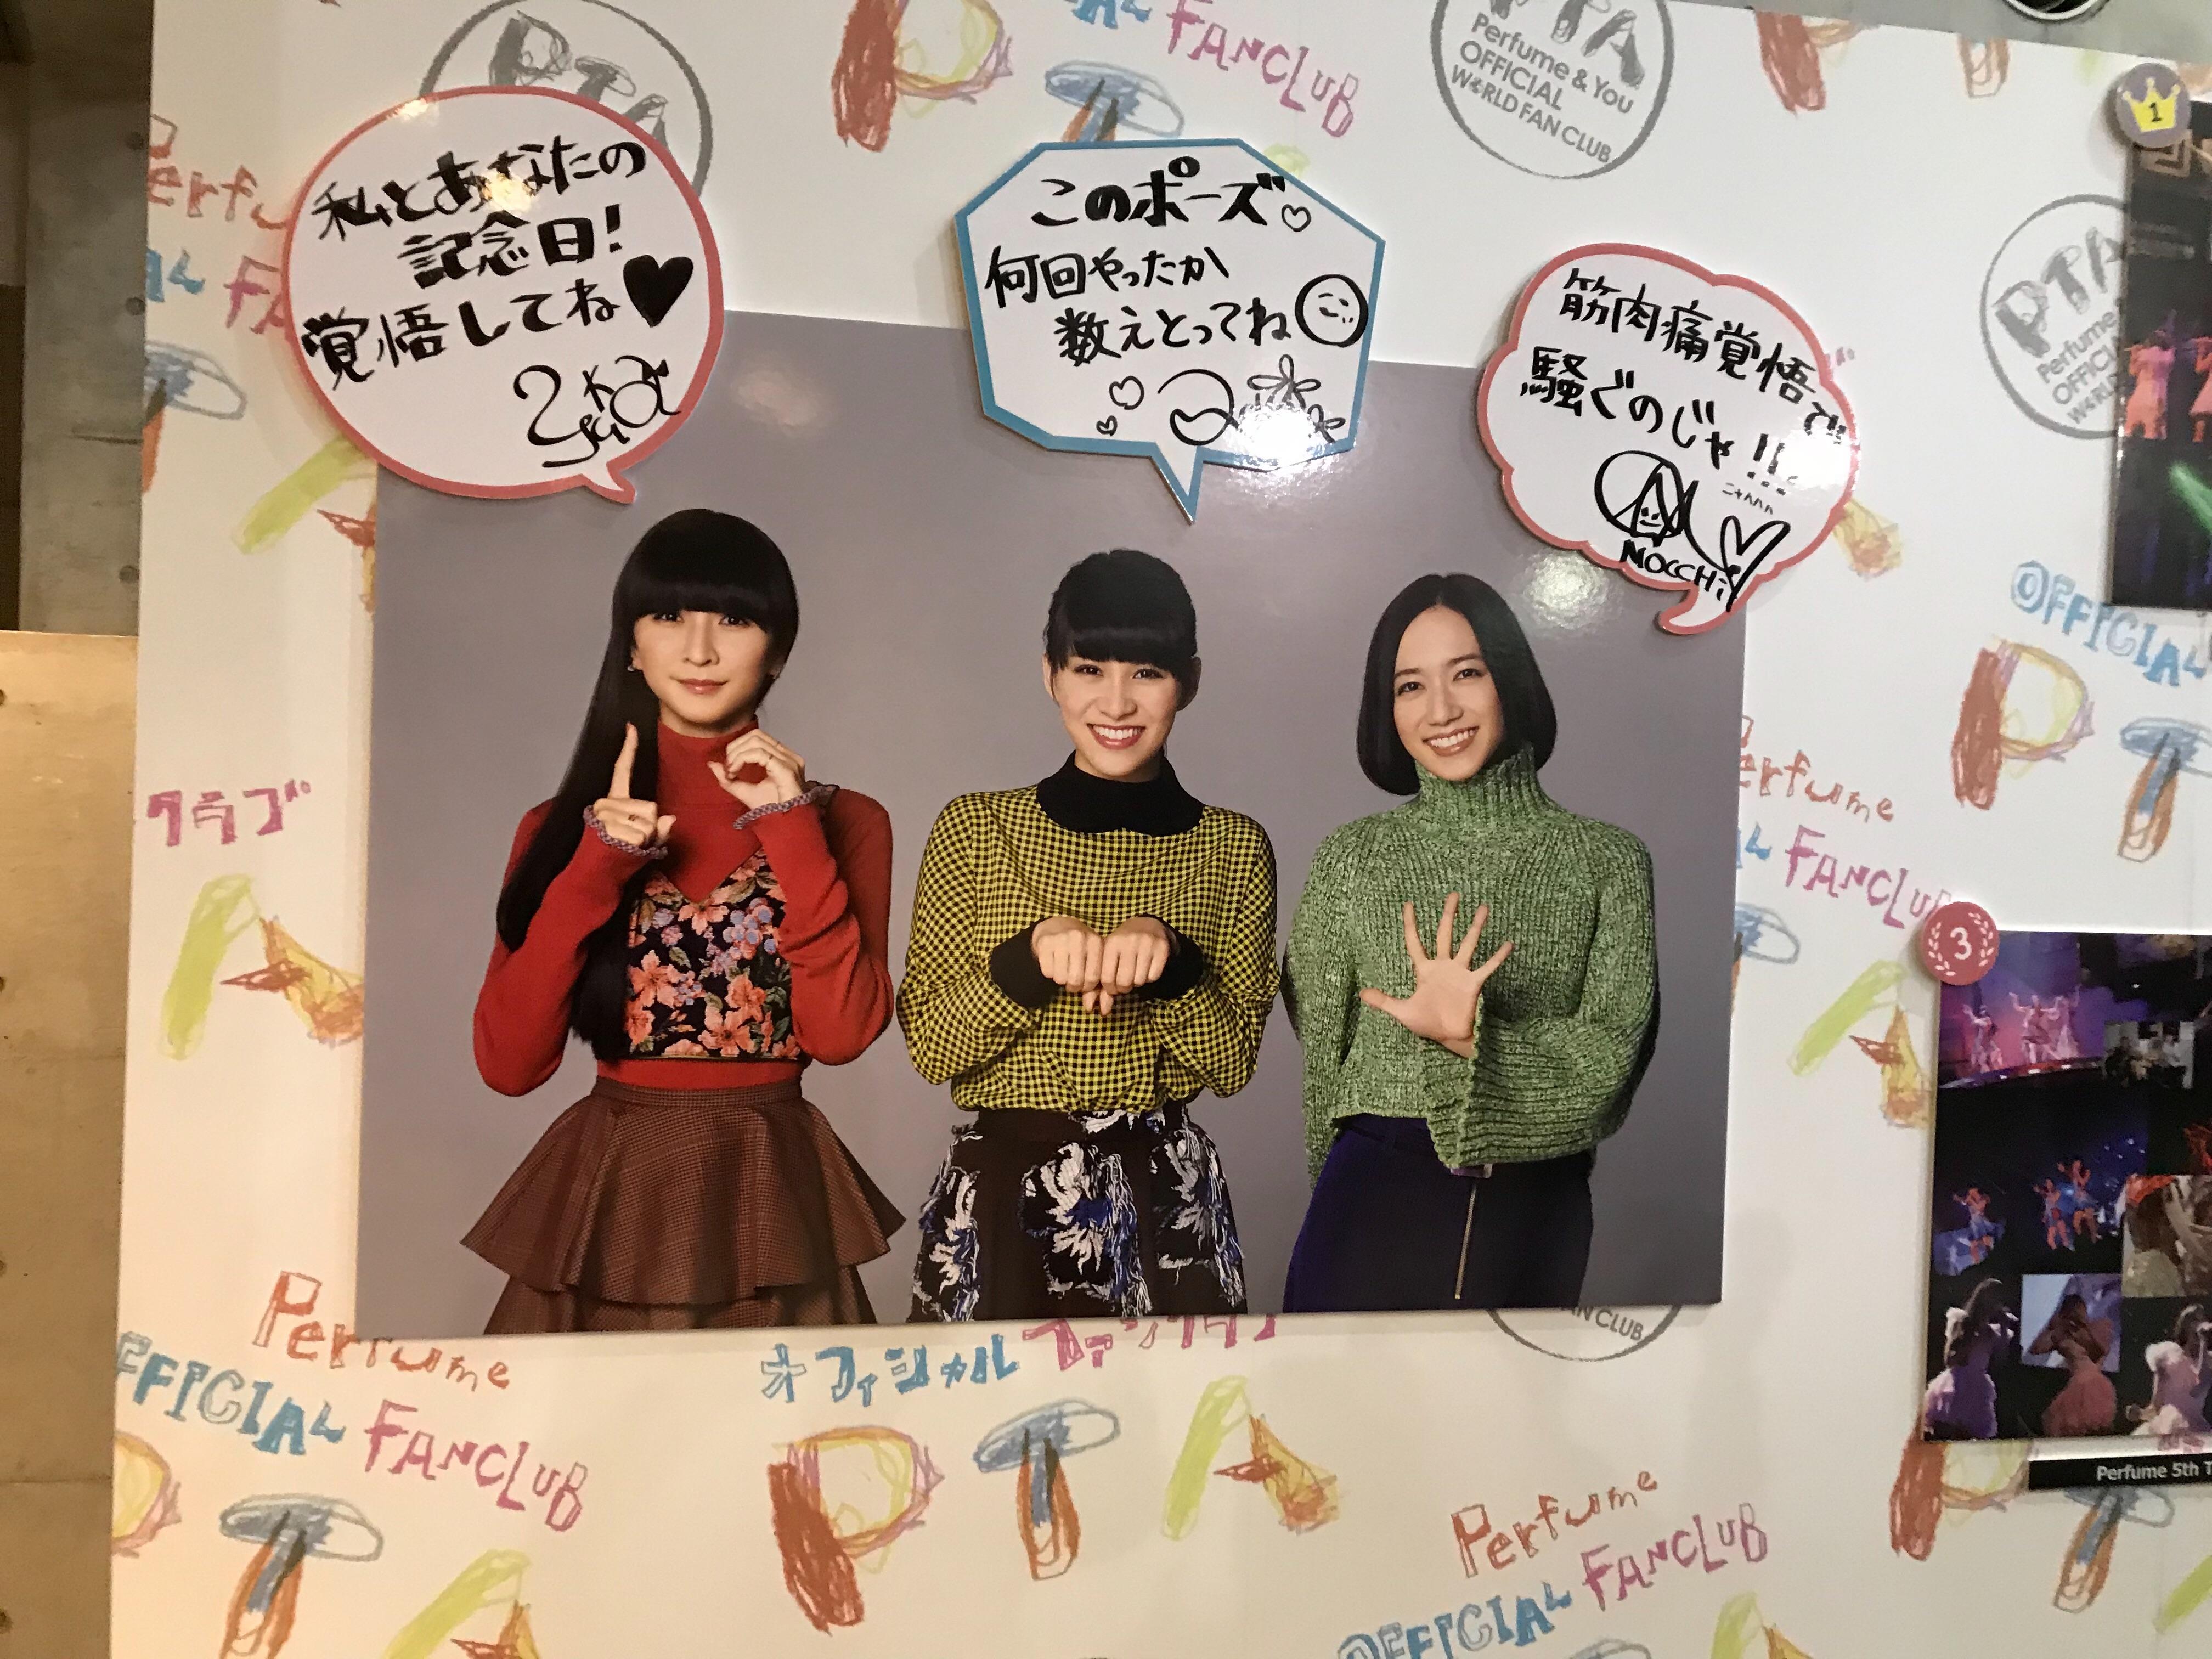 f:id:krn_chan:20180219125213j:image